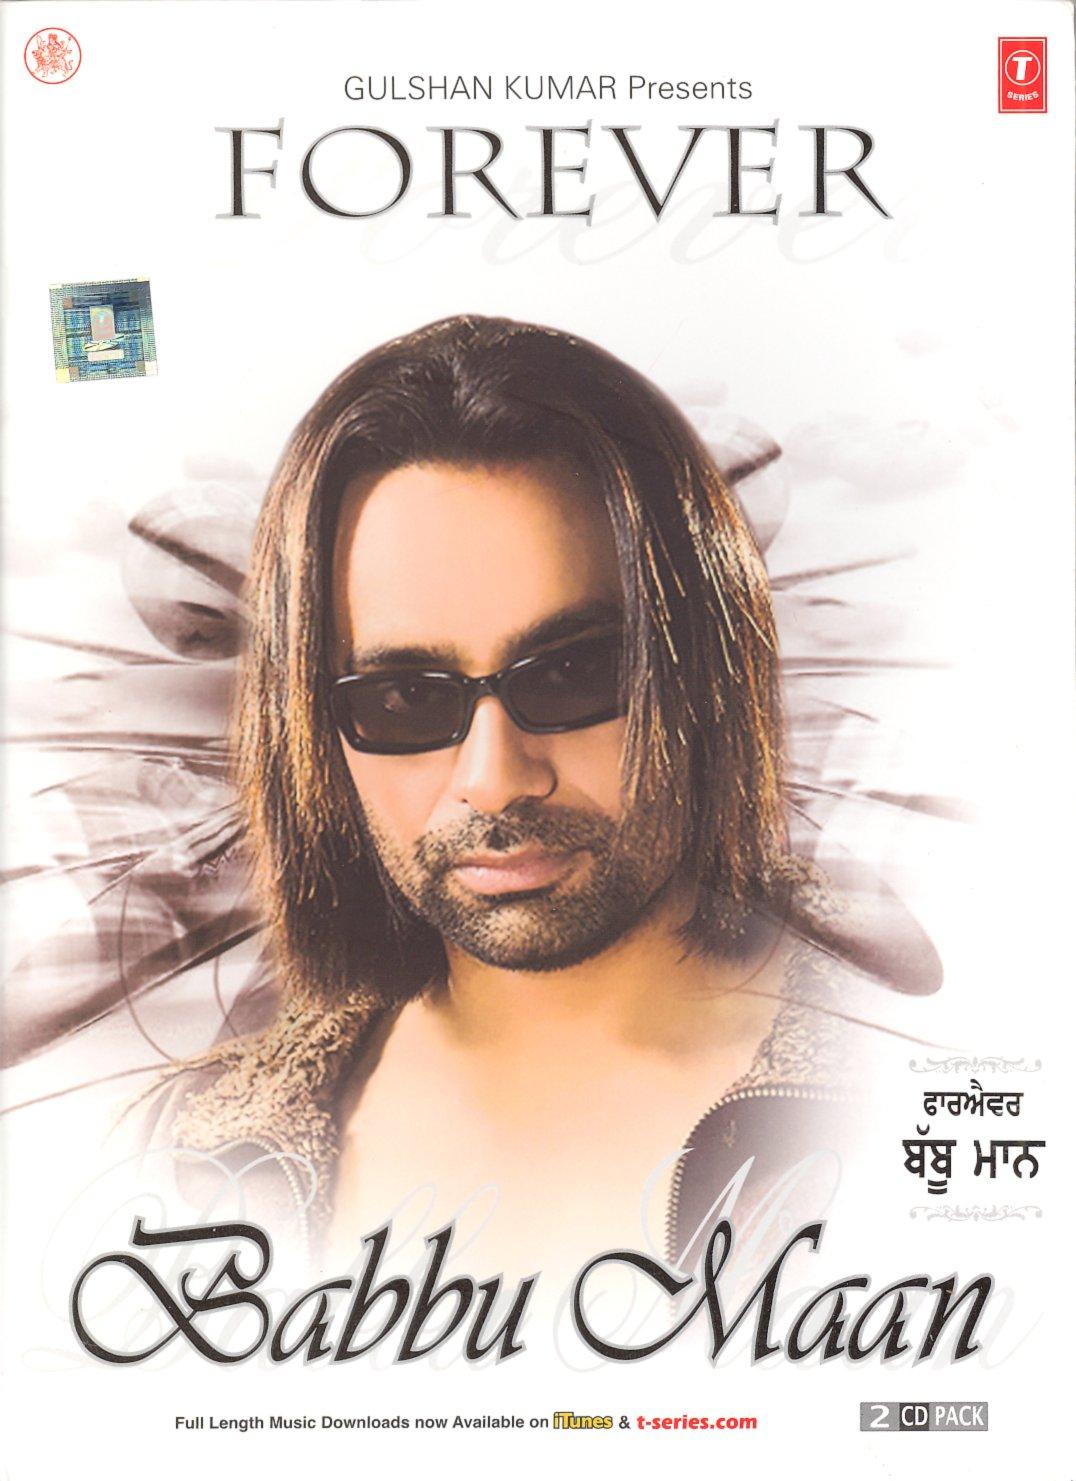 punjabi singer collection